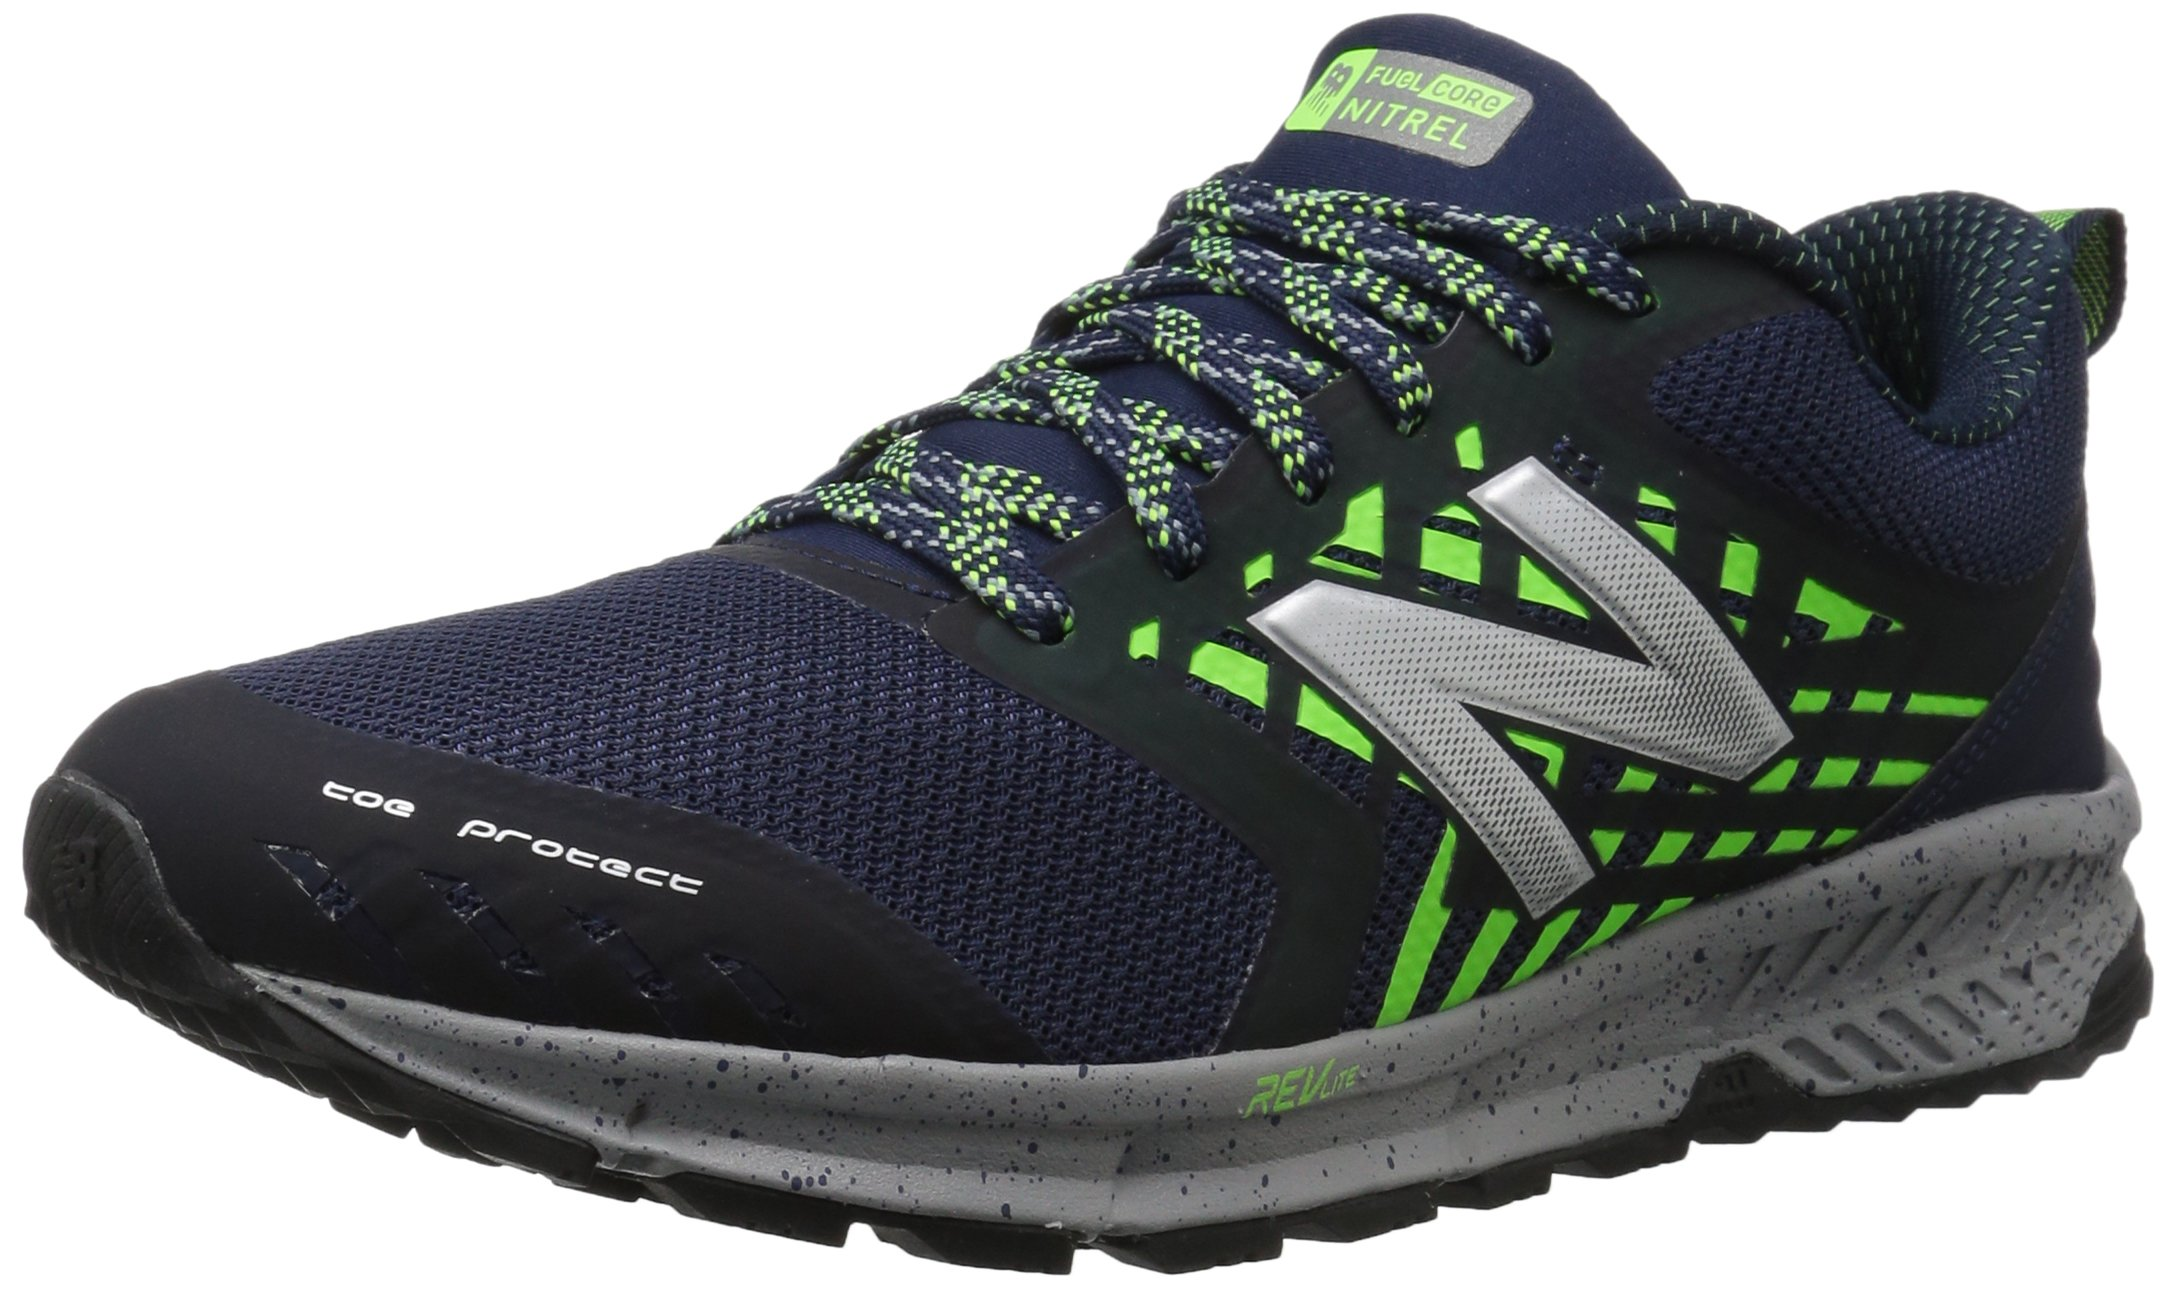 New Balance Men's Nitrel v1 FuelCore Trail Running Shoe, Navy, 9.5 4E US